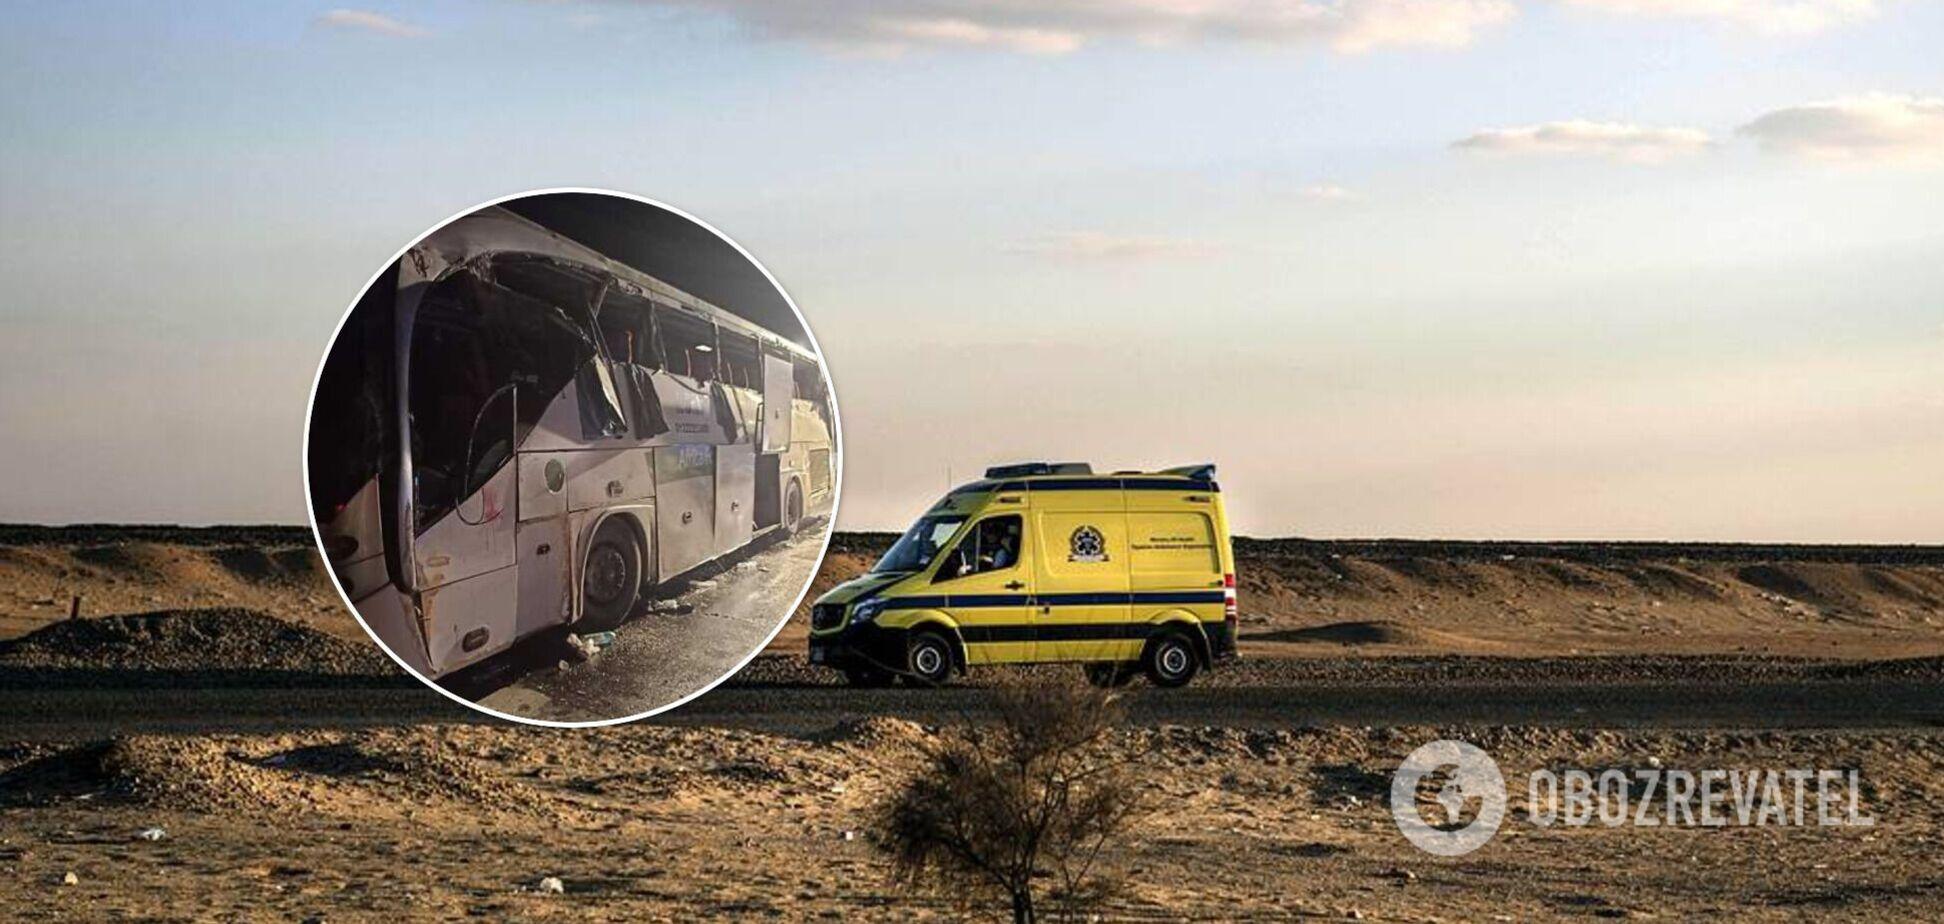 В Египте в ДТП попал автобус, следовавший из Шарм-эш-Шейха в Каир: погибли 12 человек. Фото